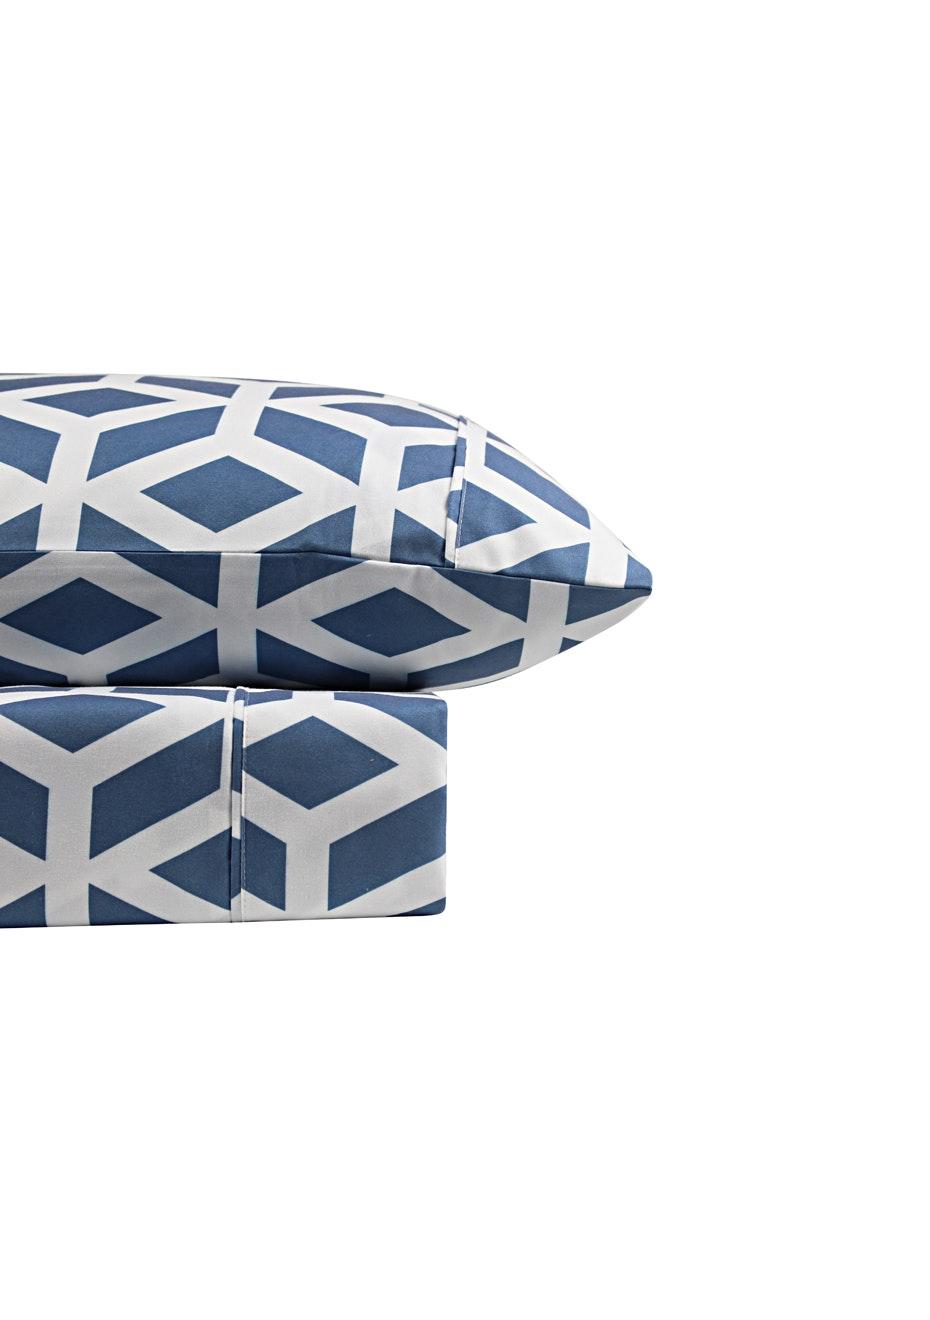 Thermal Flannel Sheet Sets - Manhattan Design - Bay Blue - King Bed